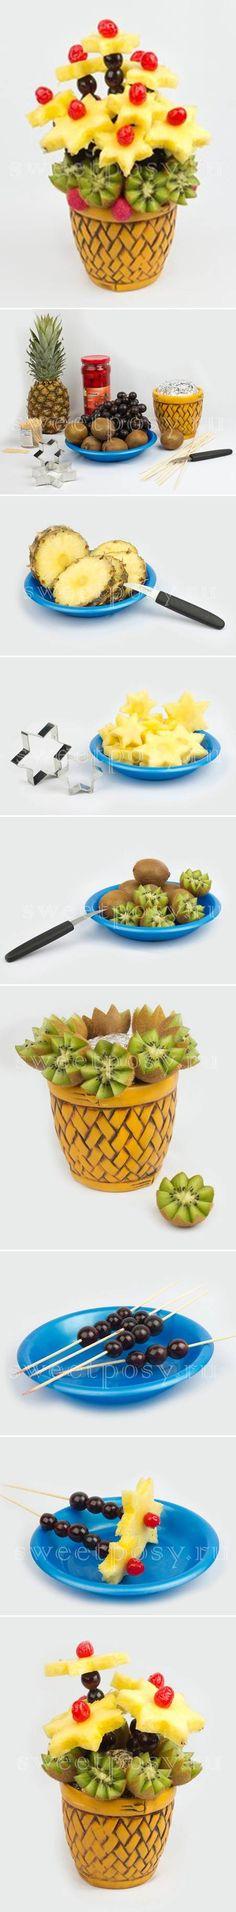 Cesta de fruta que parece flores.